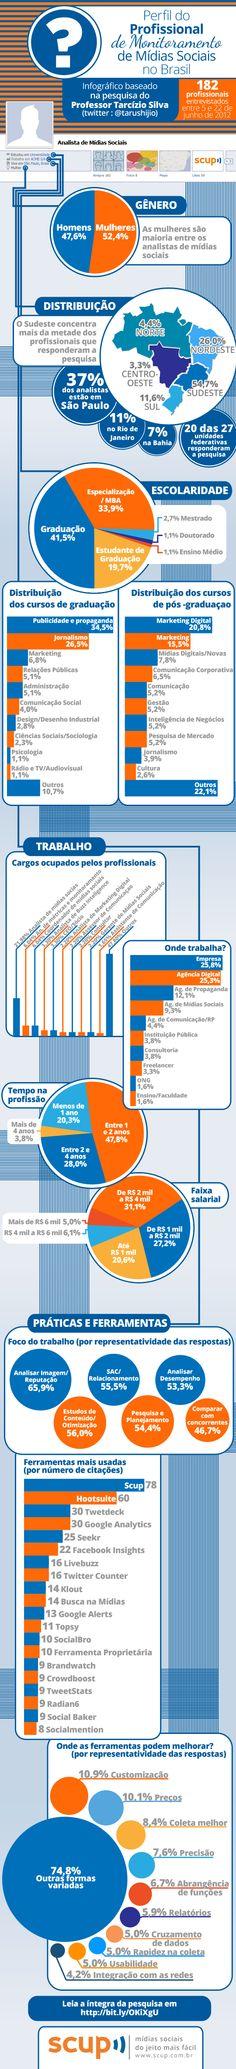 O perfil do profissional de monitoramento de mídias sociais no Brasil | Scup - Blog